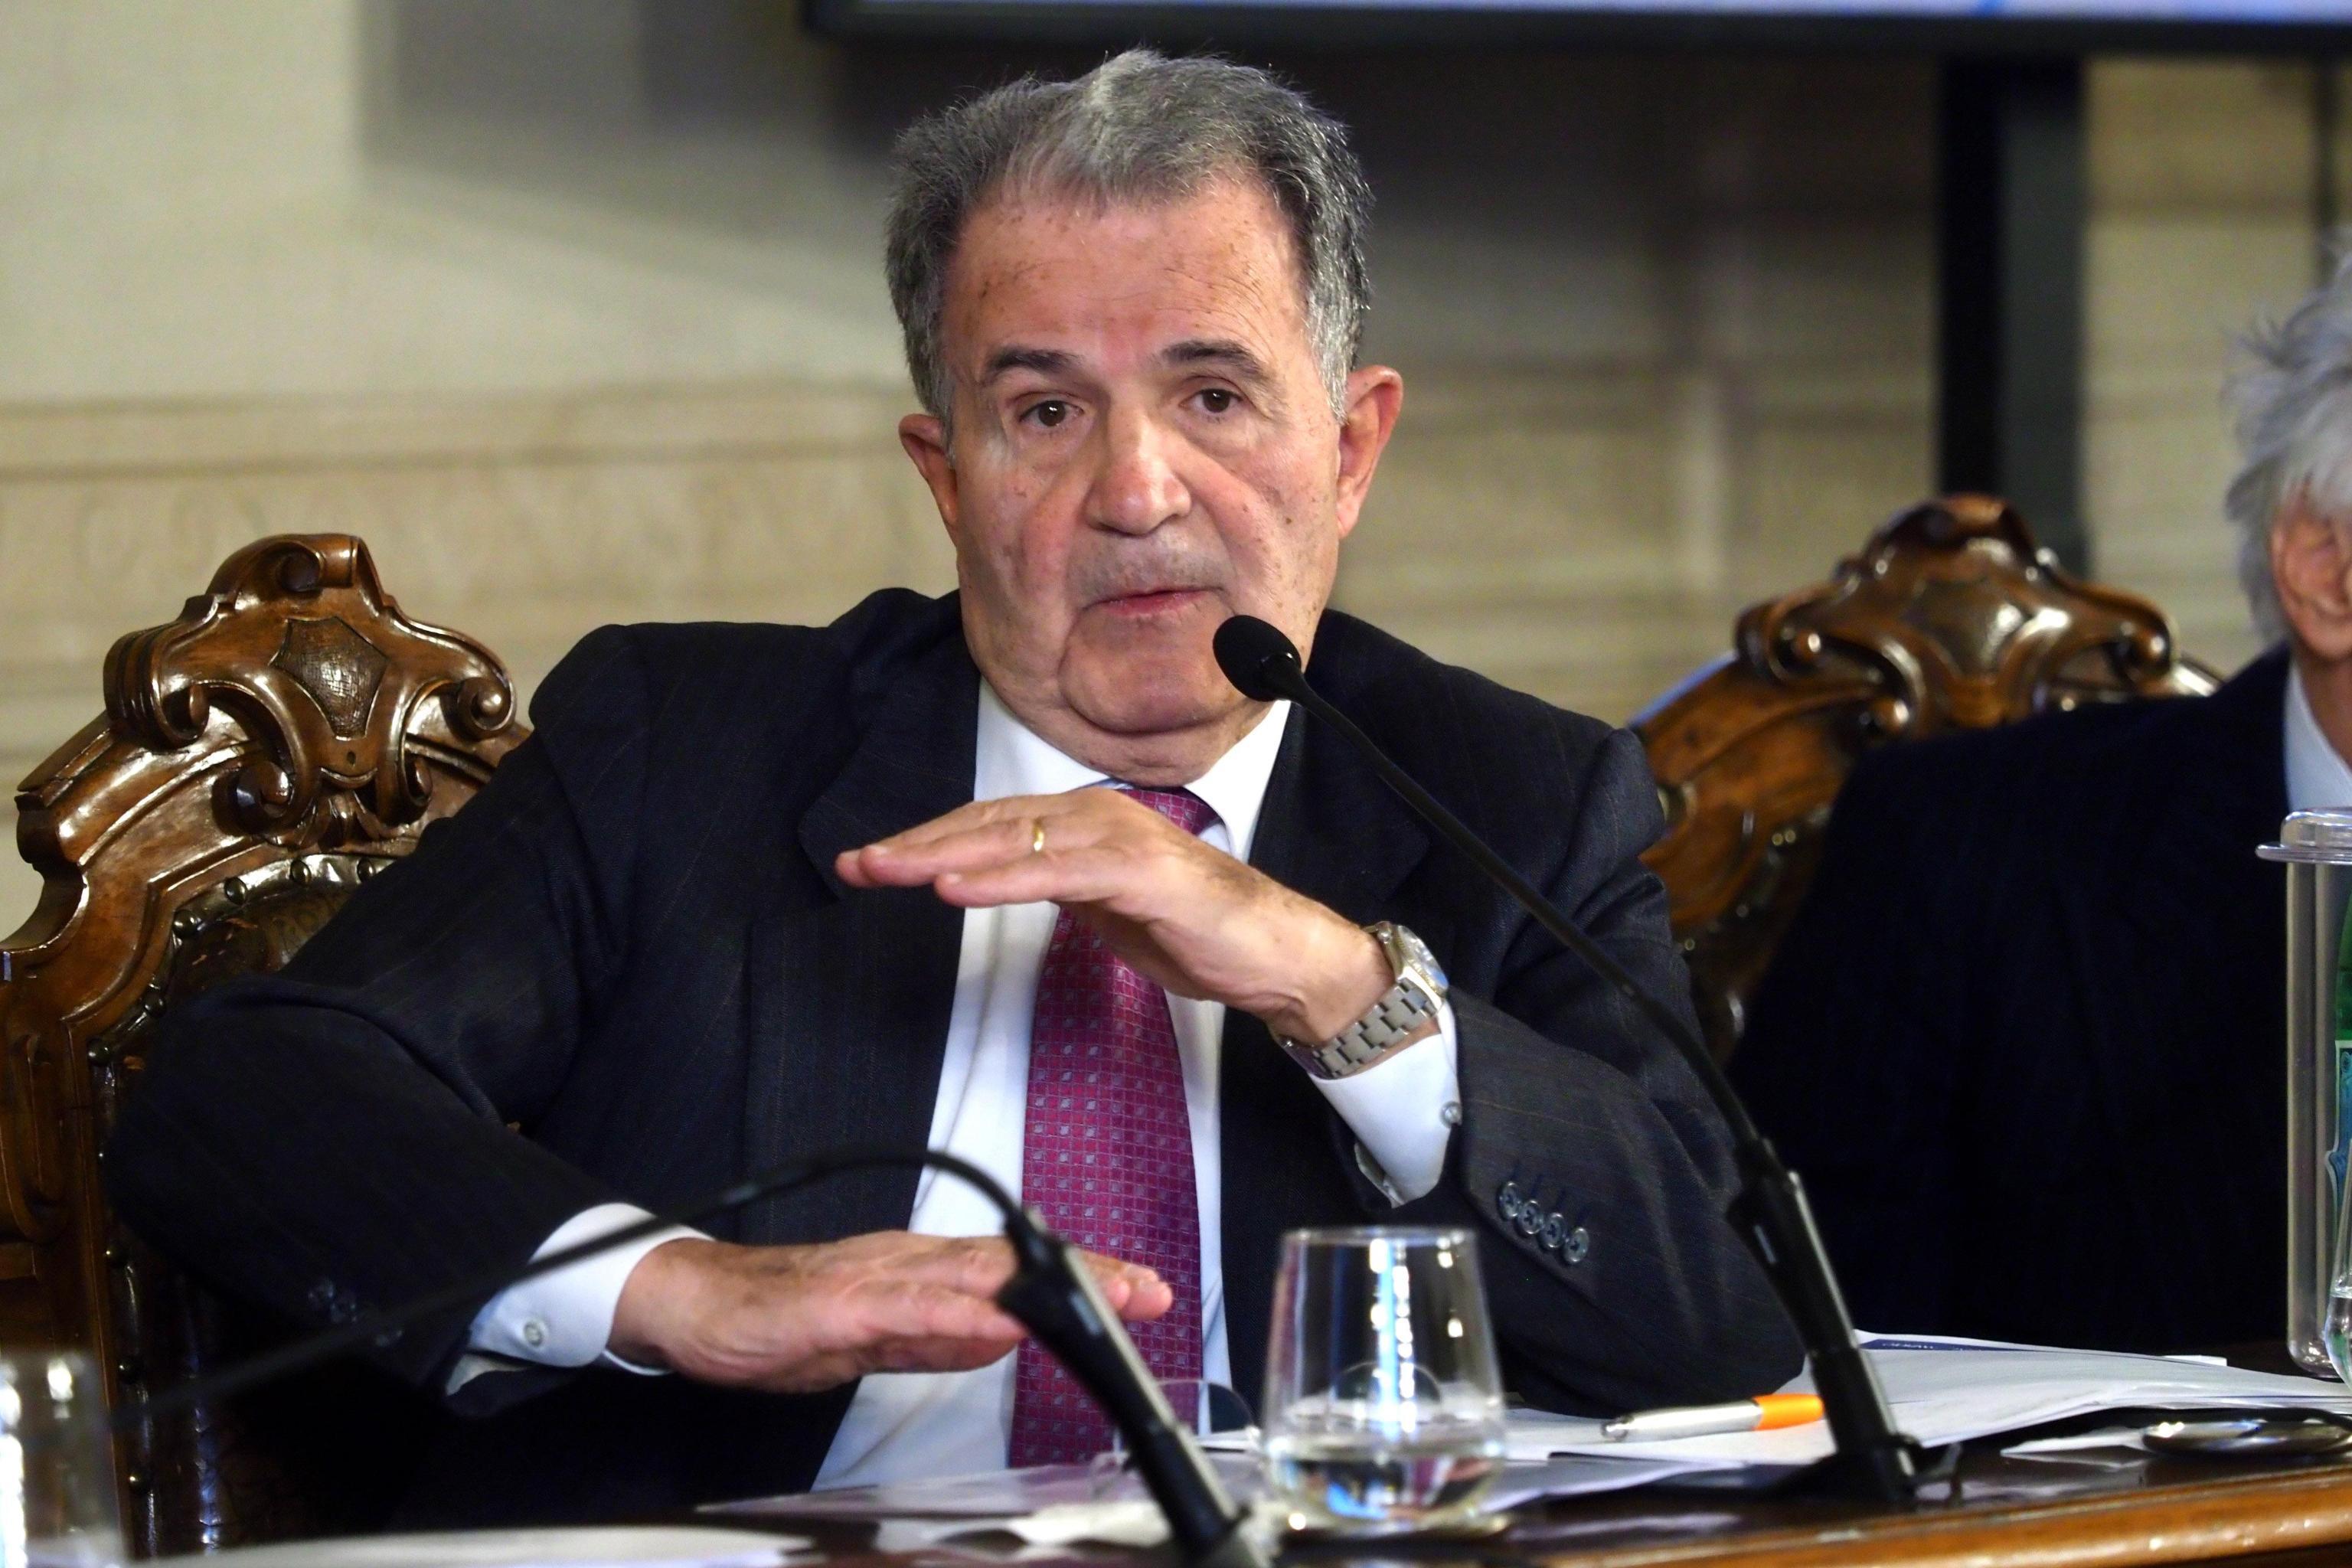 Prodi, da Berlusconi accuse surreali